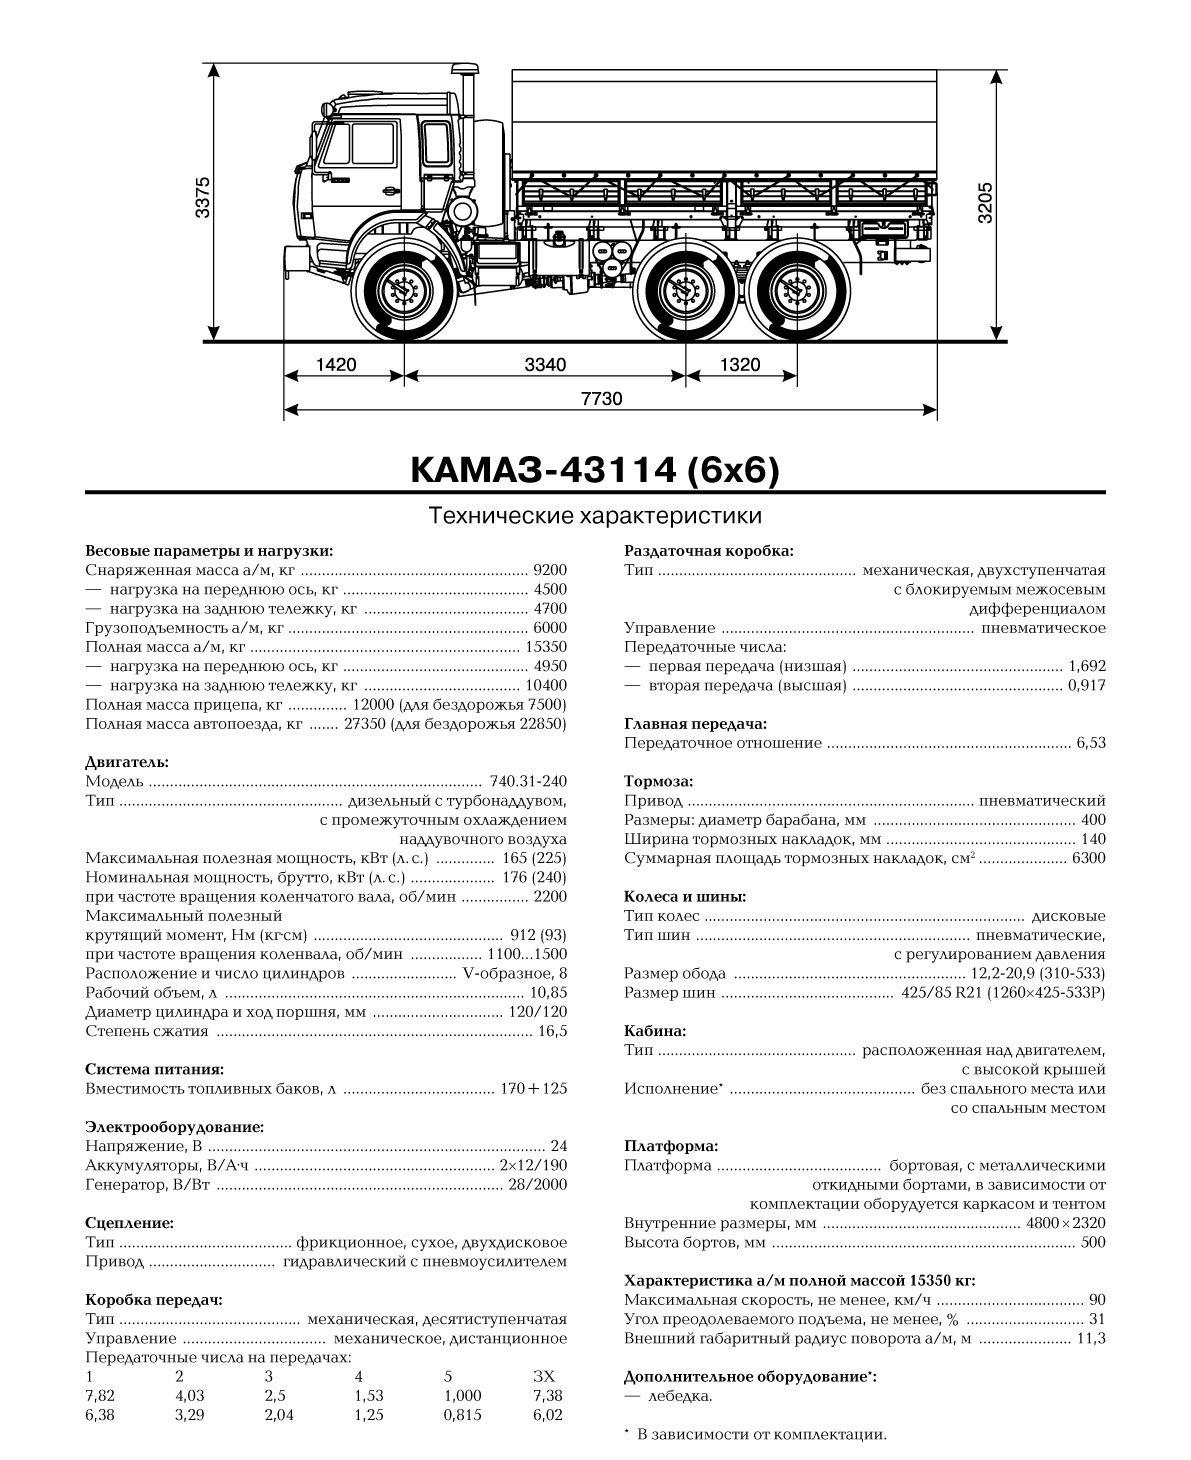 Технические характеристики Камаз-5320